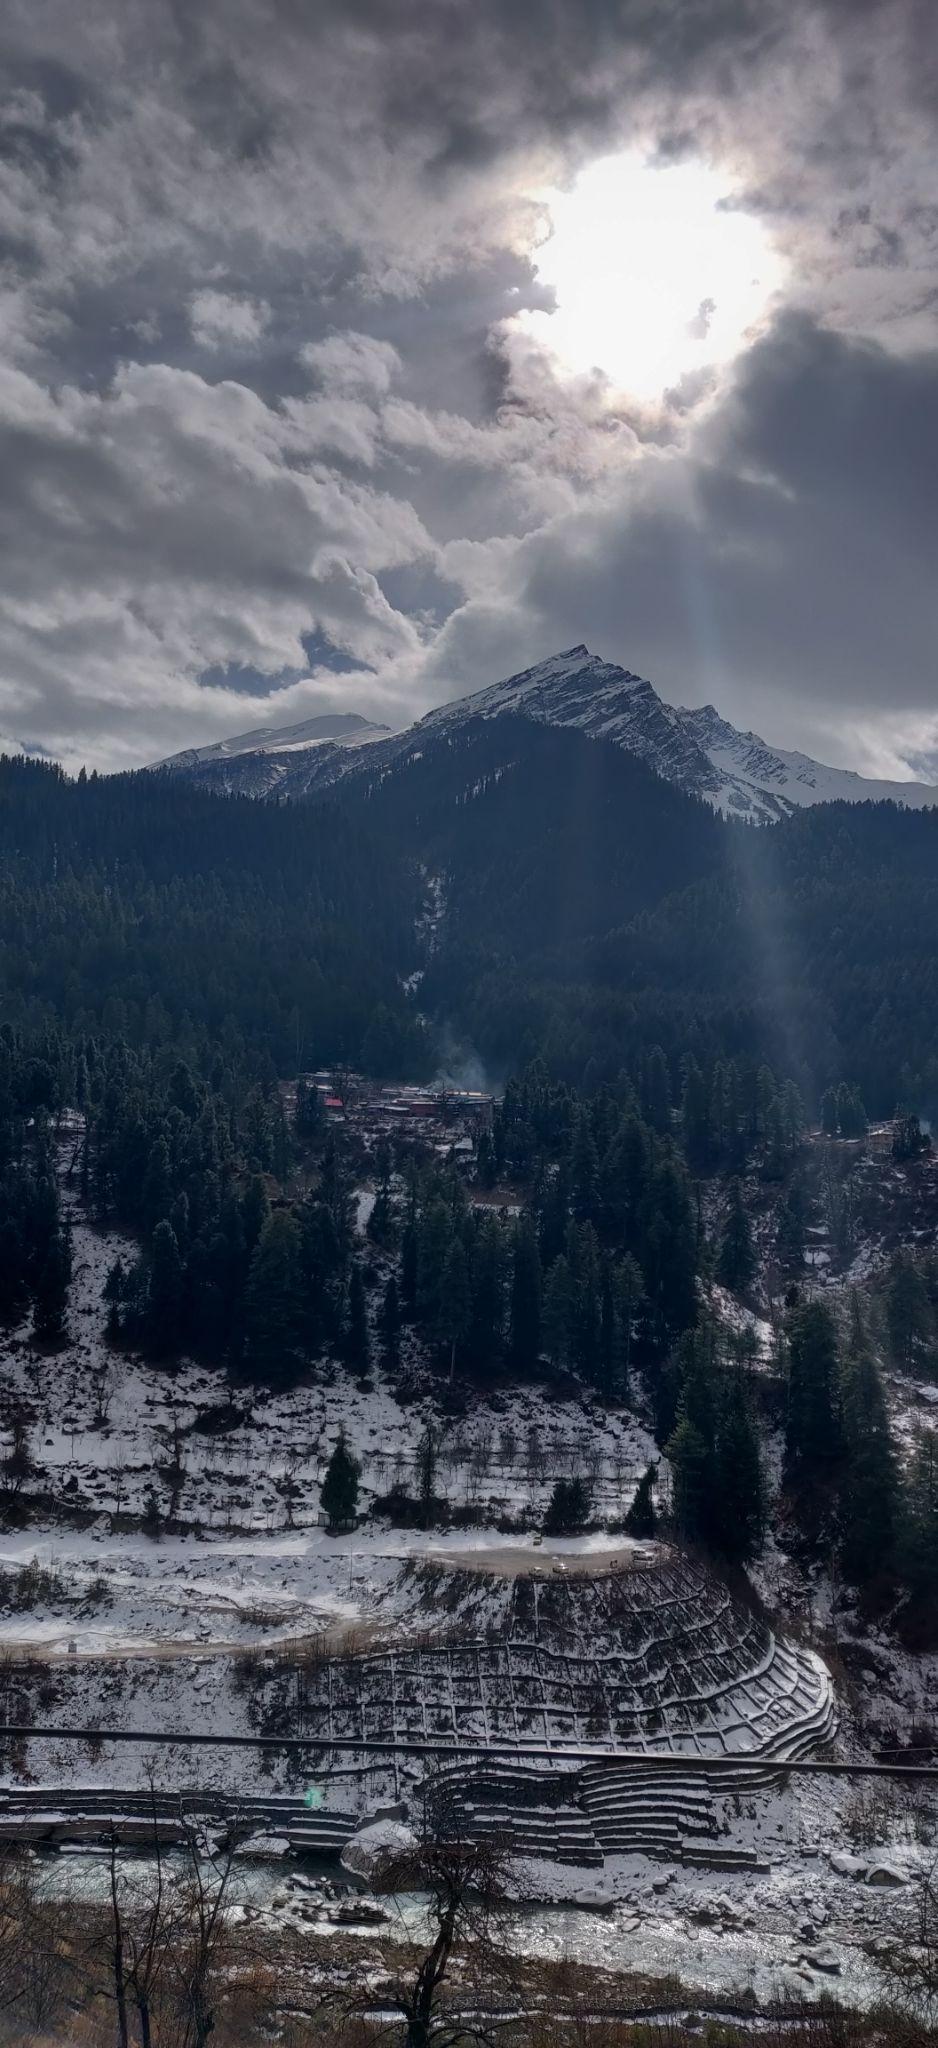 Photo of Parvati Valley By Ravi Ranjan Ojha